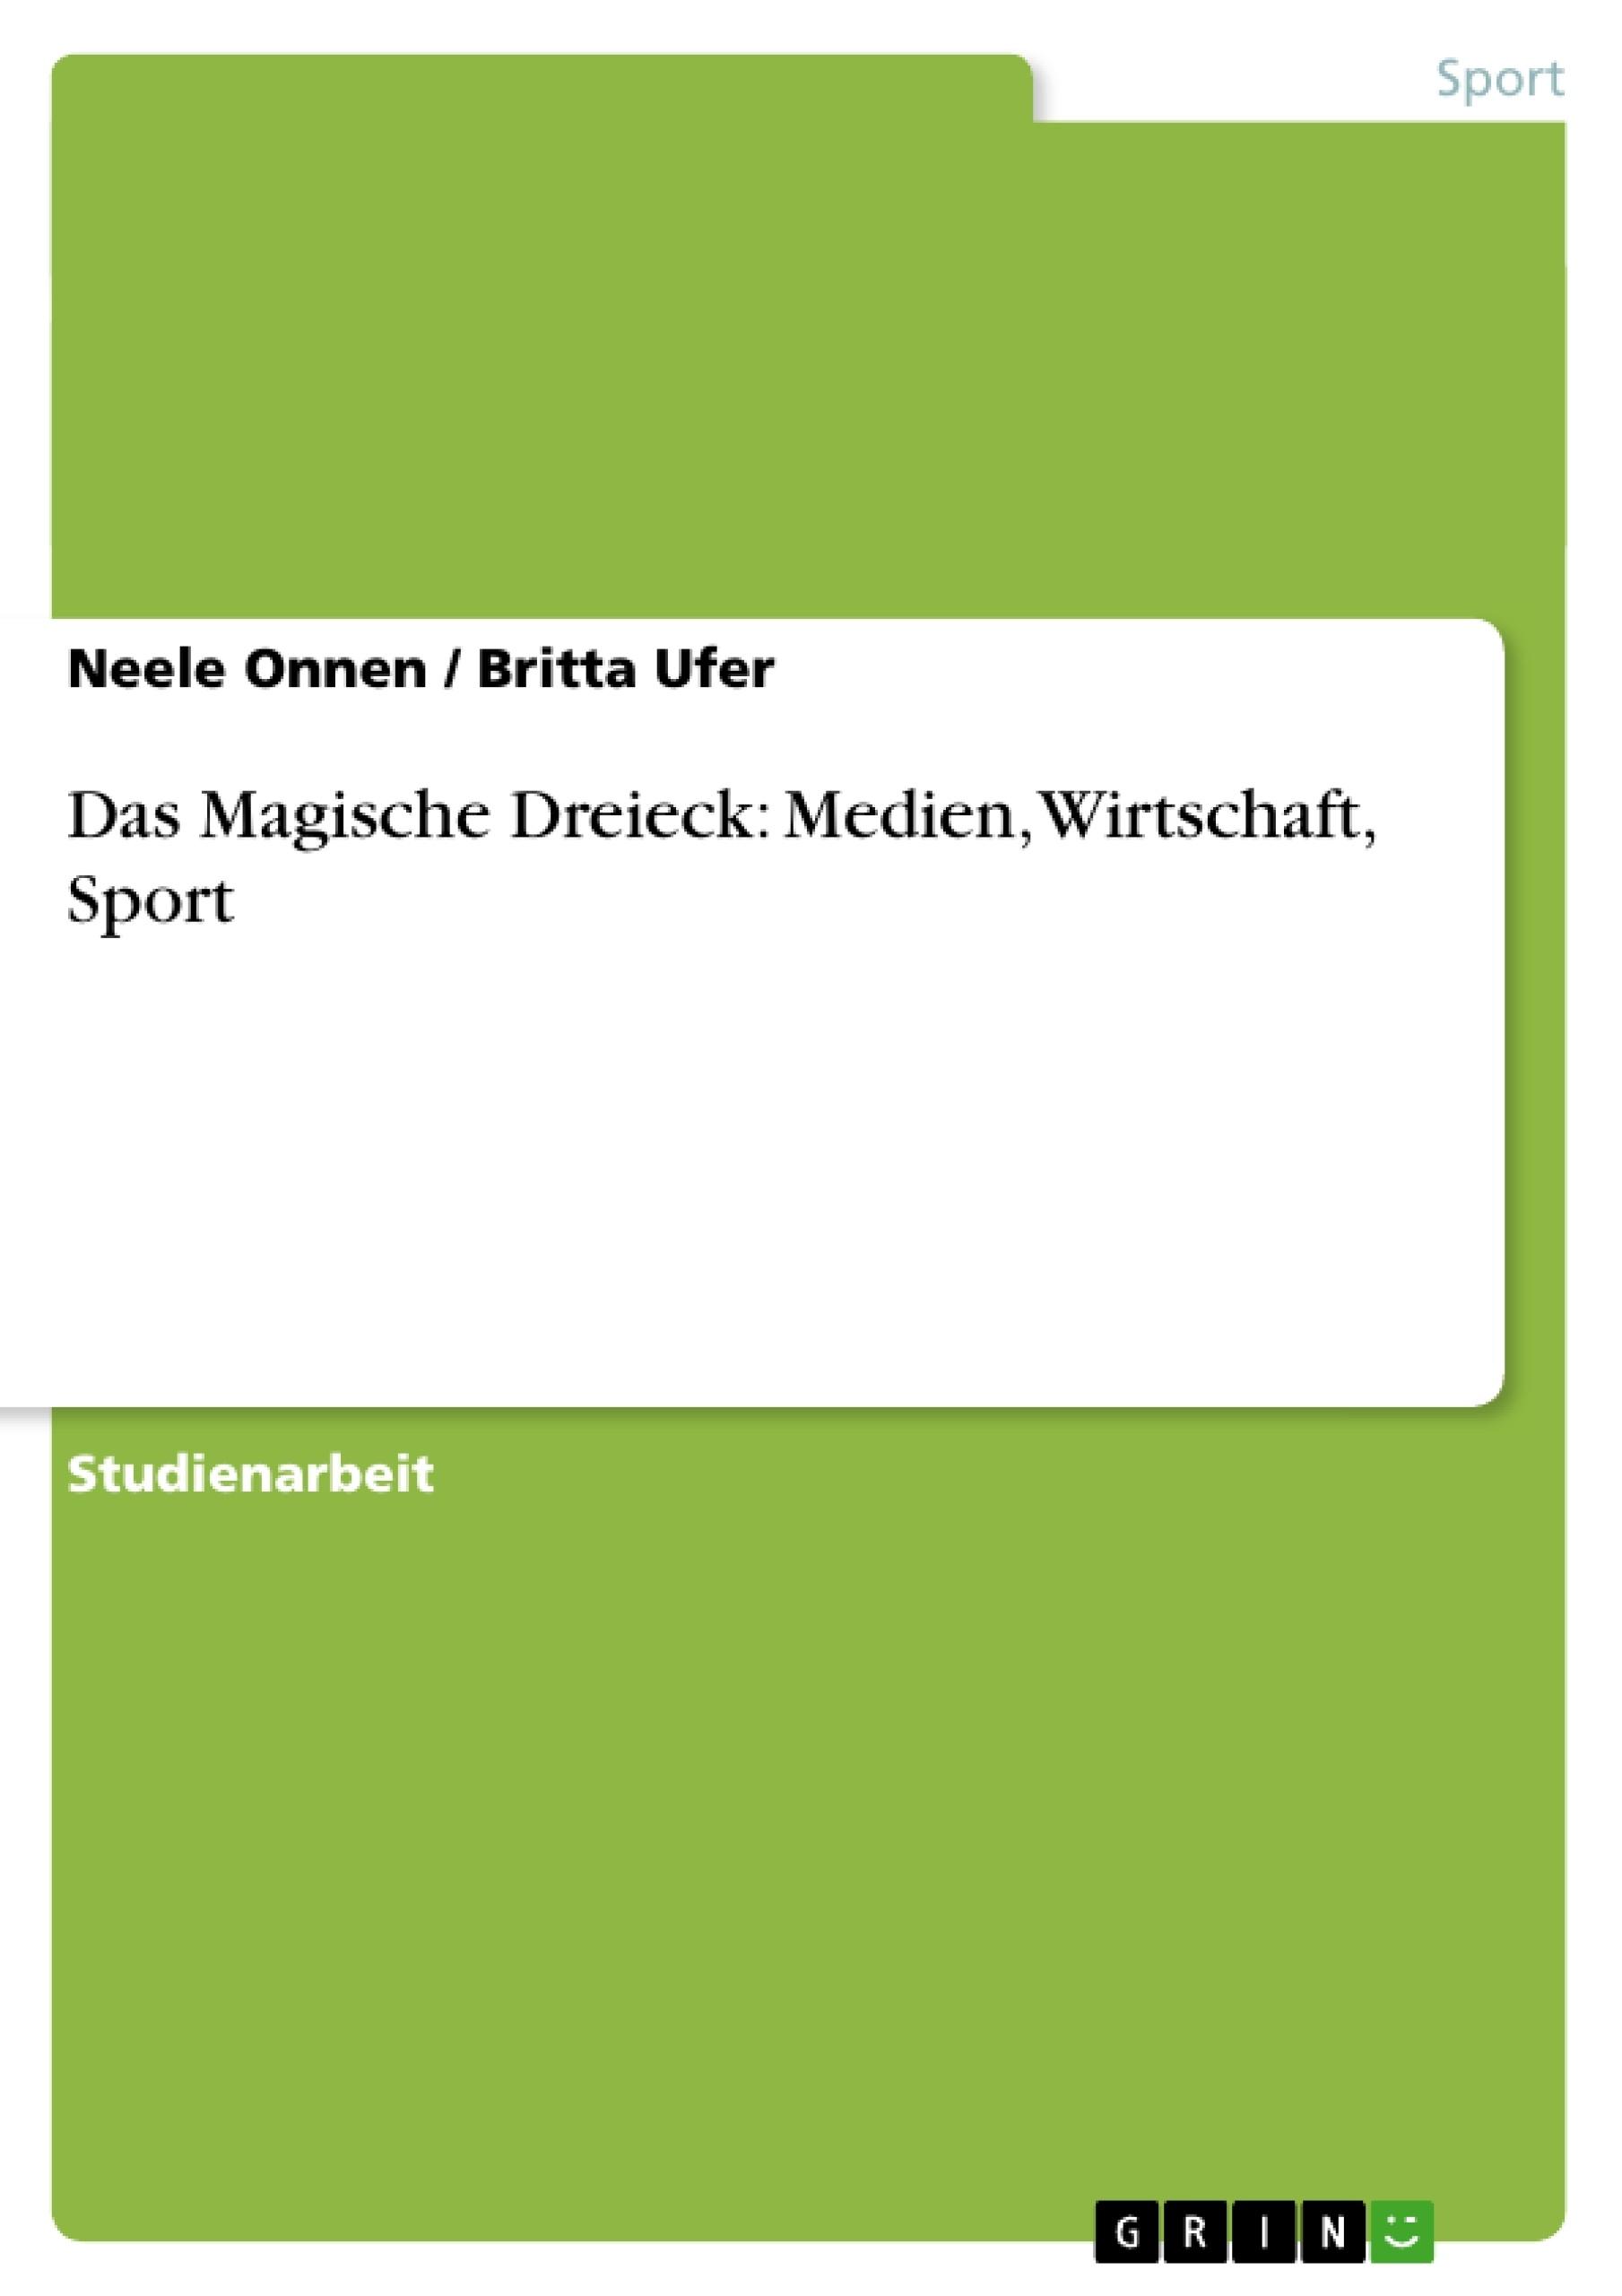 Titel: Das Magische Dreieck: Medien, Wirtschaft, Sport